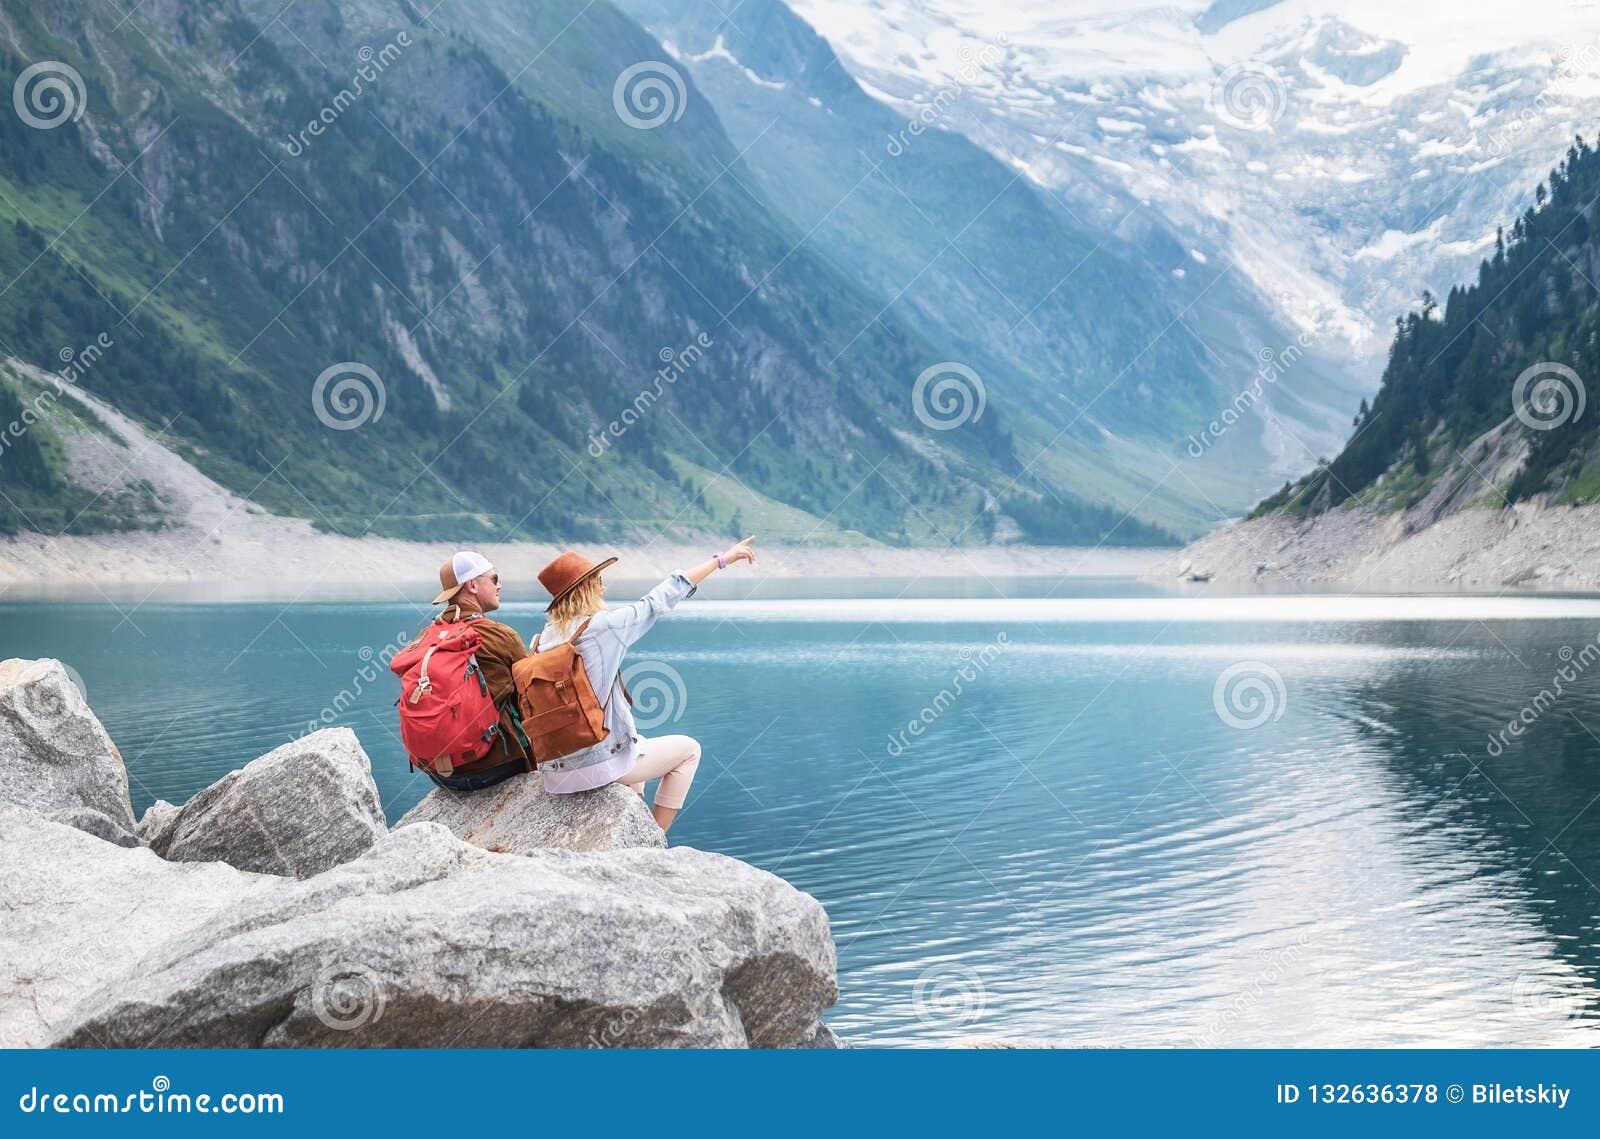 Reisendpaarblick am Gebirgssee Wagen Sie und reisen Sie in die Gebirgsregion im Österreich